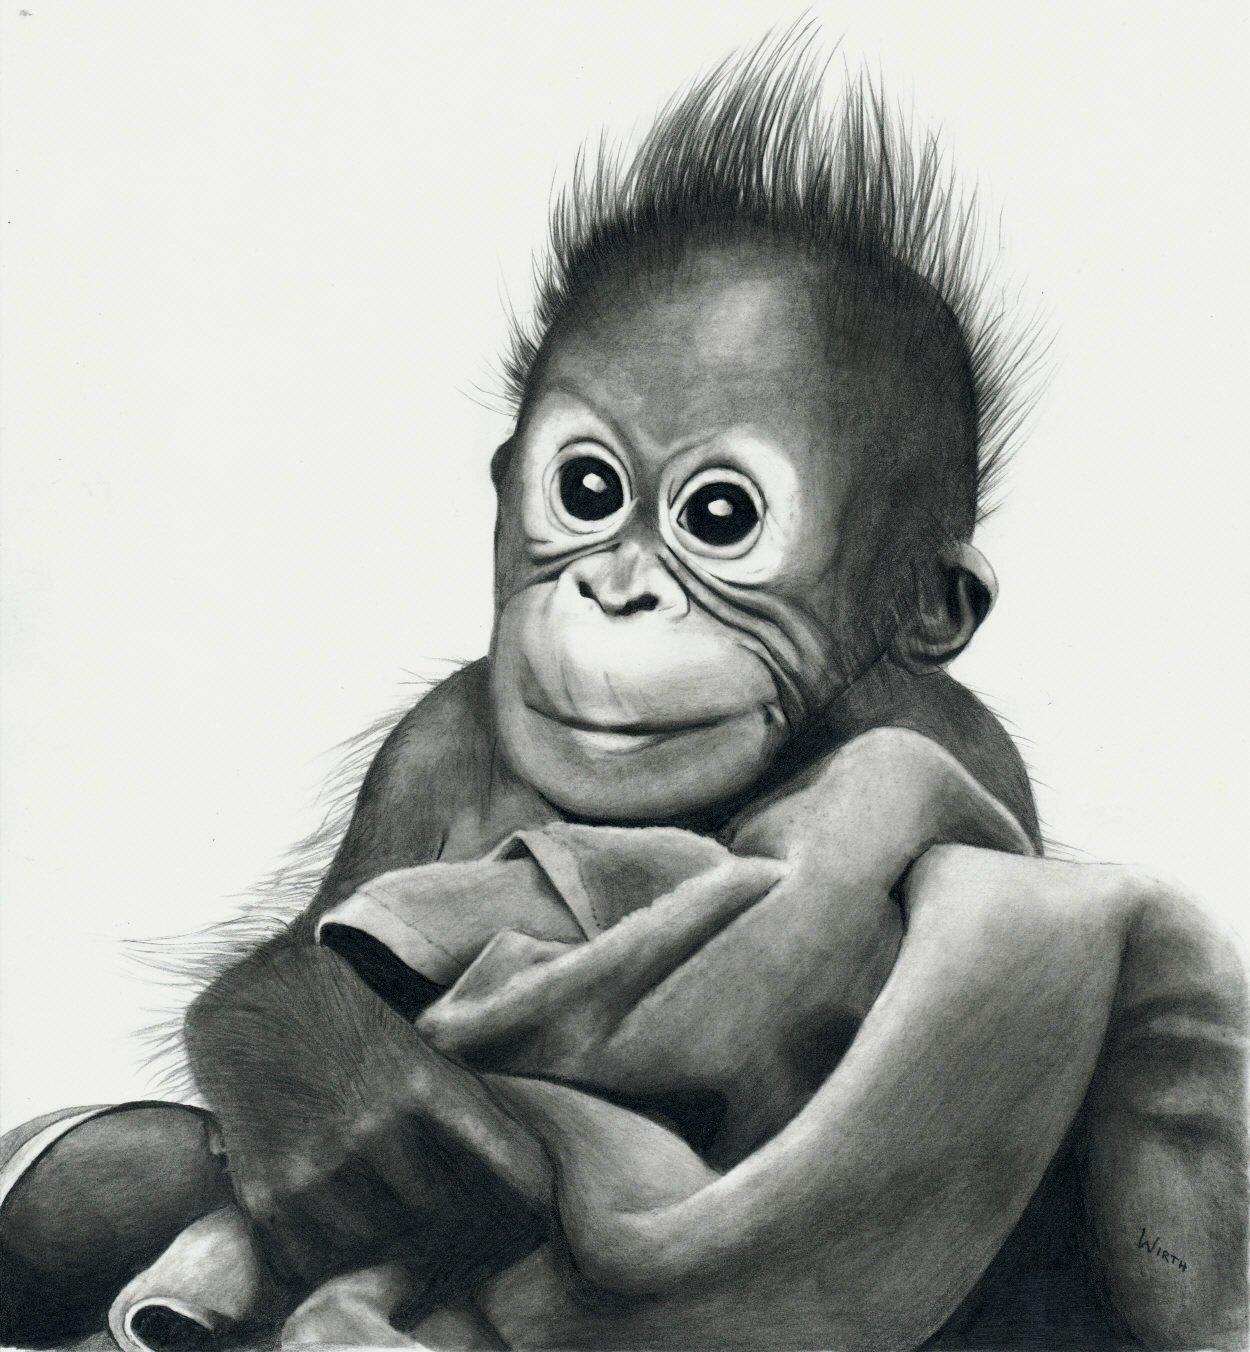 Äffchen, Baby, Orang Utan, Affe Von Nico Wirth